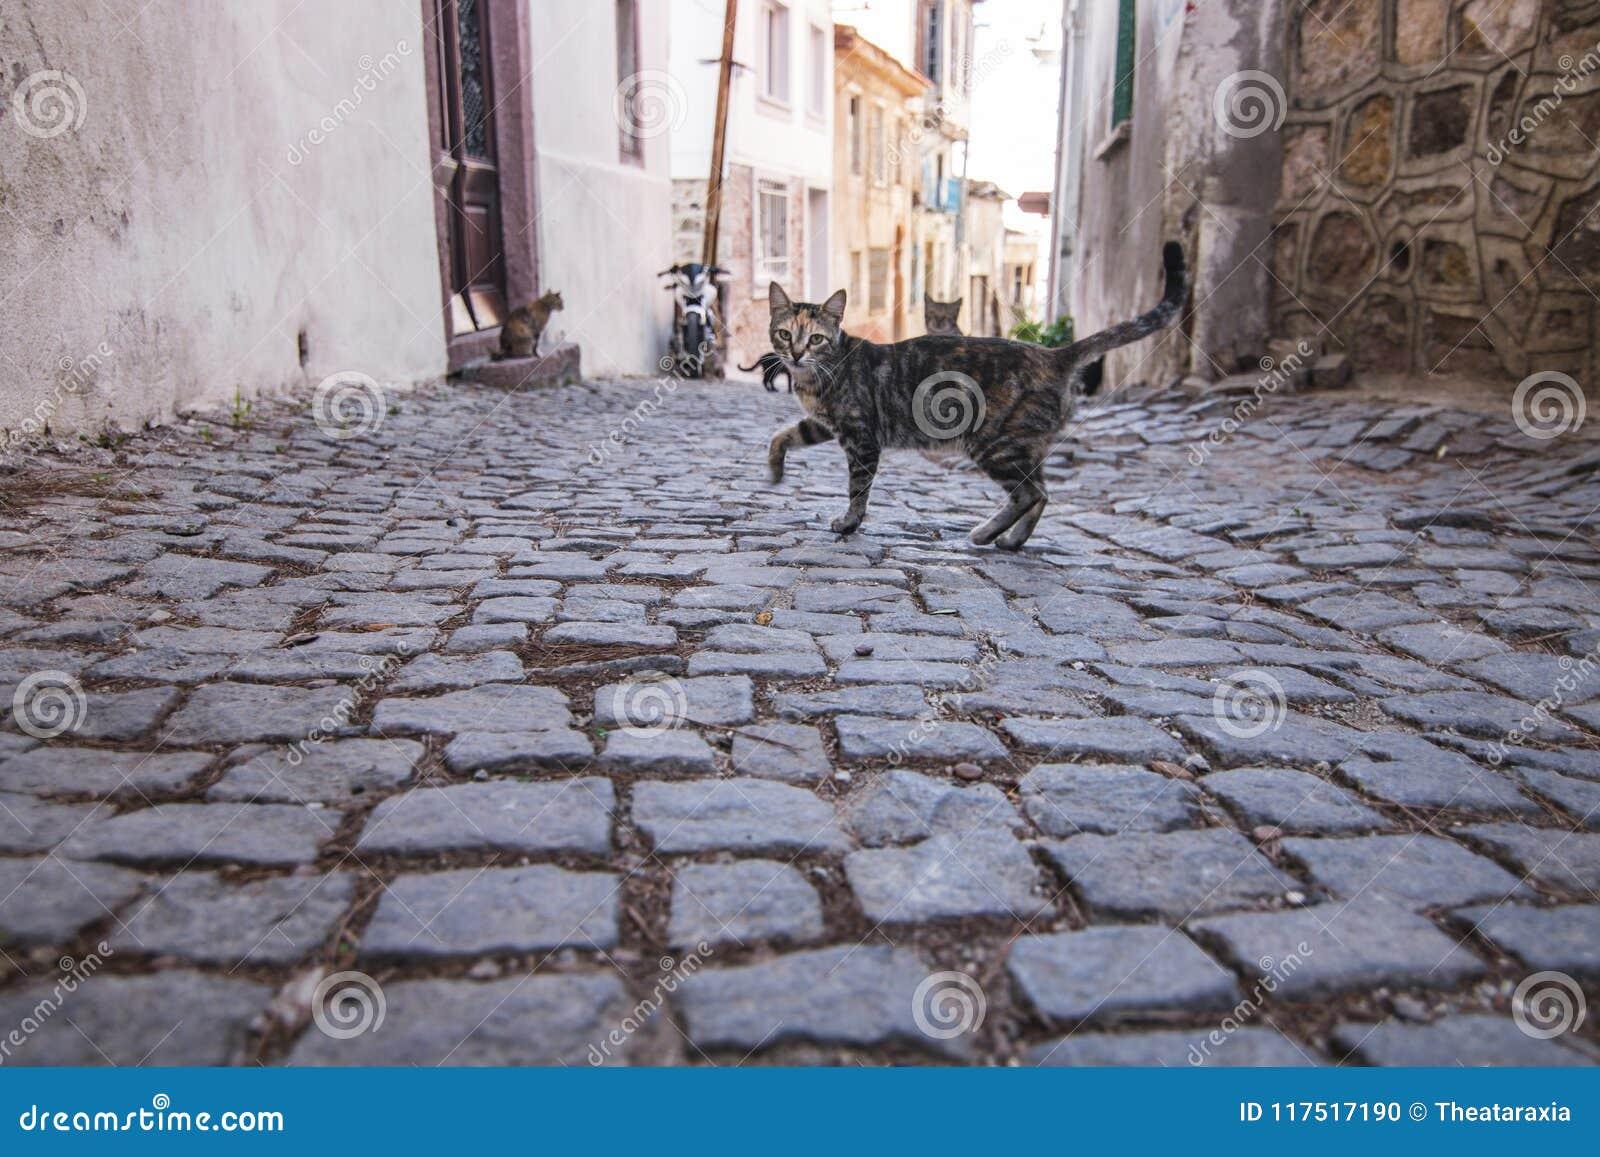 The cats on Ayvalik streets.